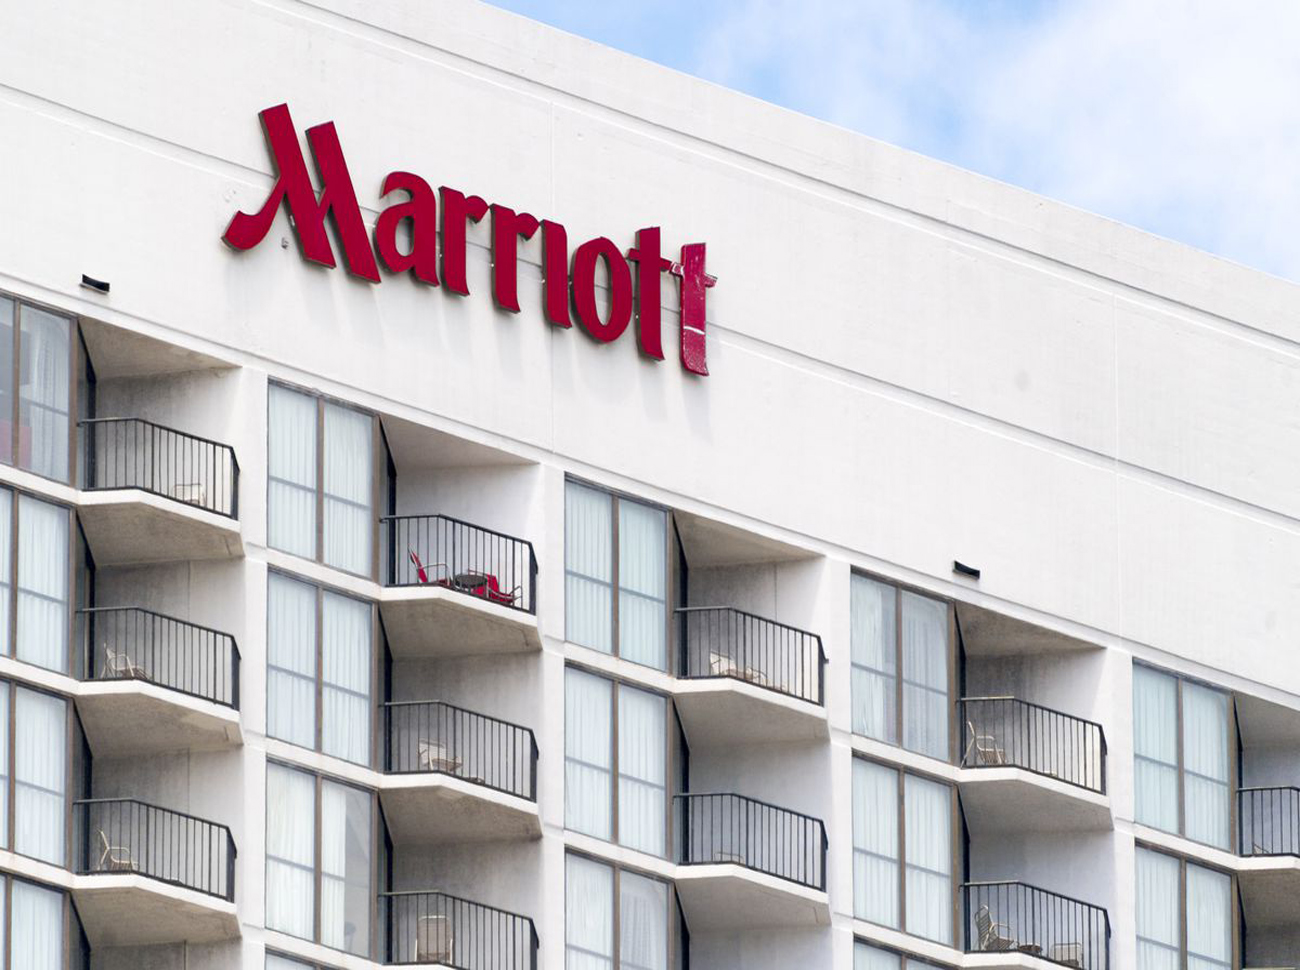 Marriott Hotel Zinciri'ne Siber Saldırı: 500 Milyon Misafirin Bilgileri Çalındı